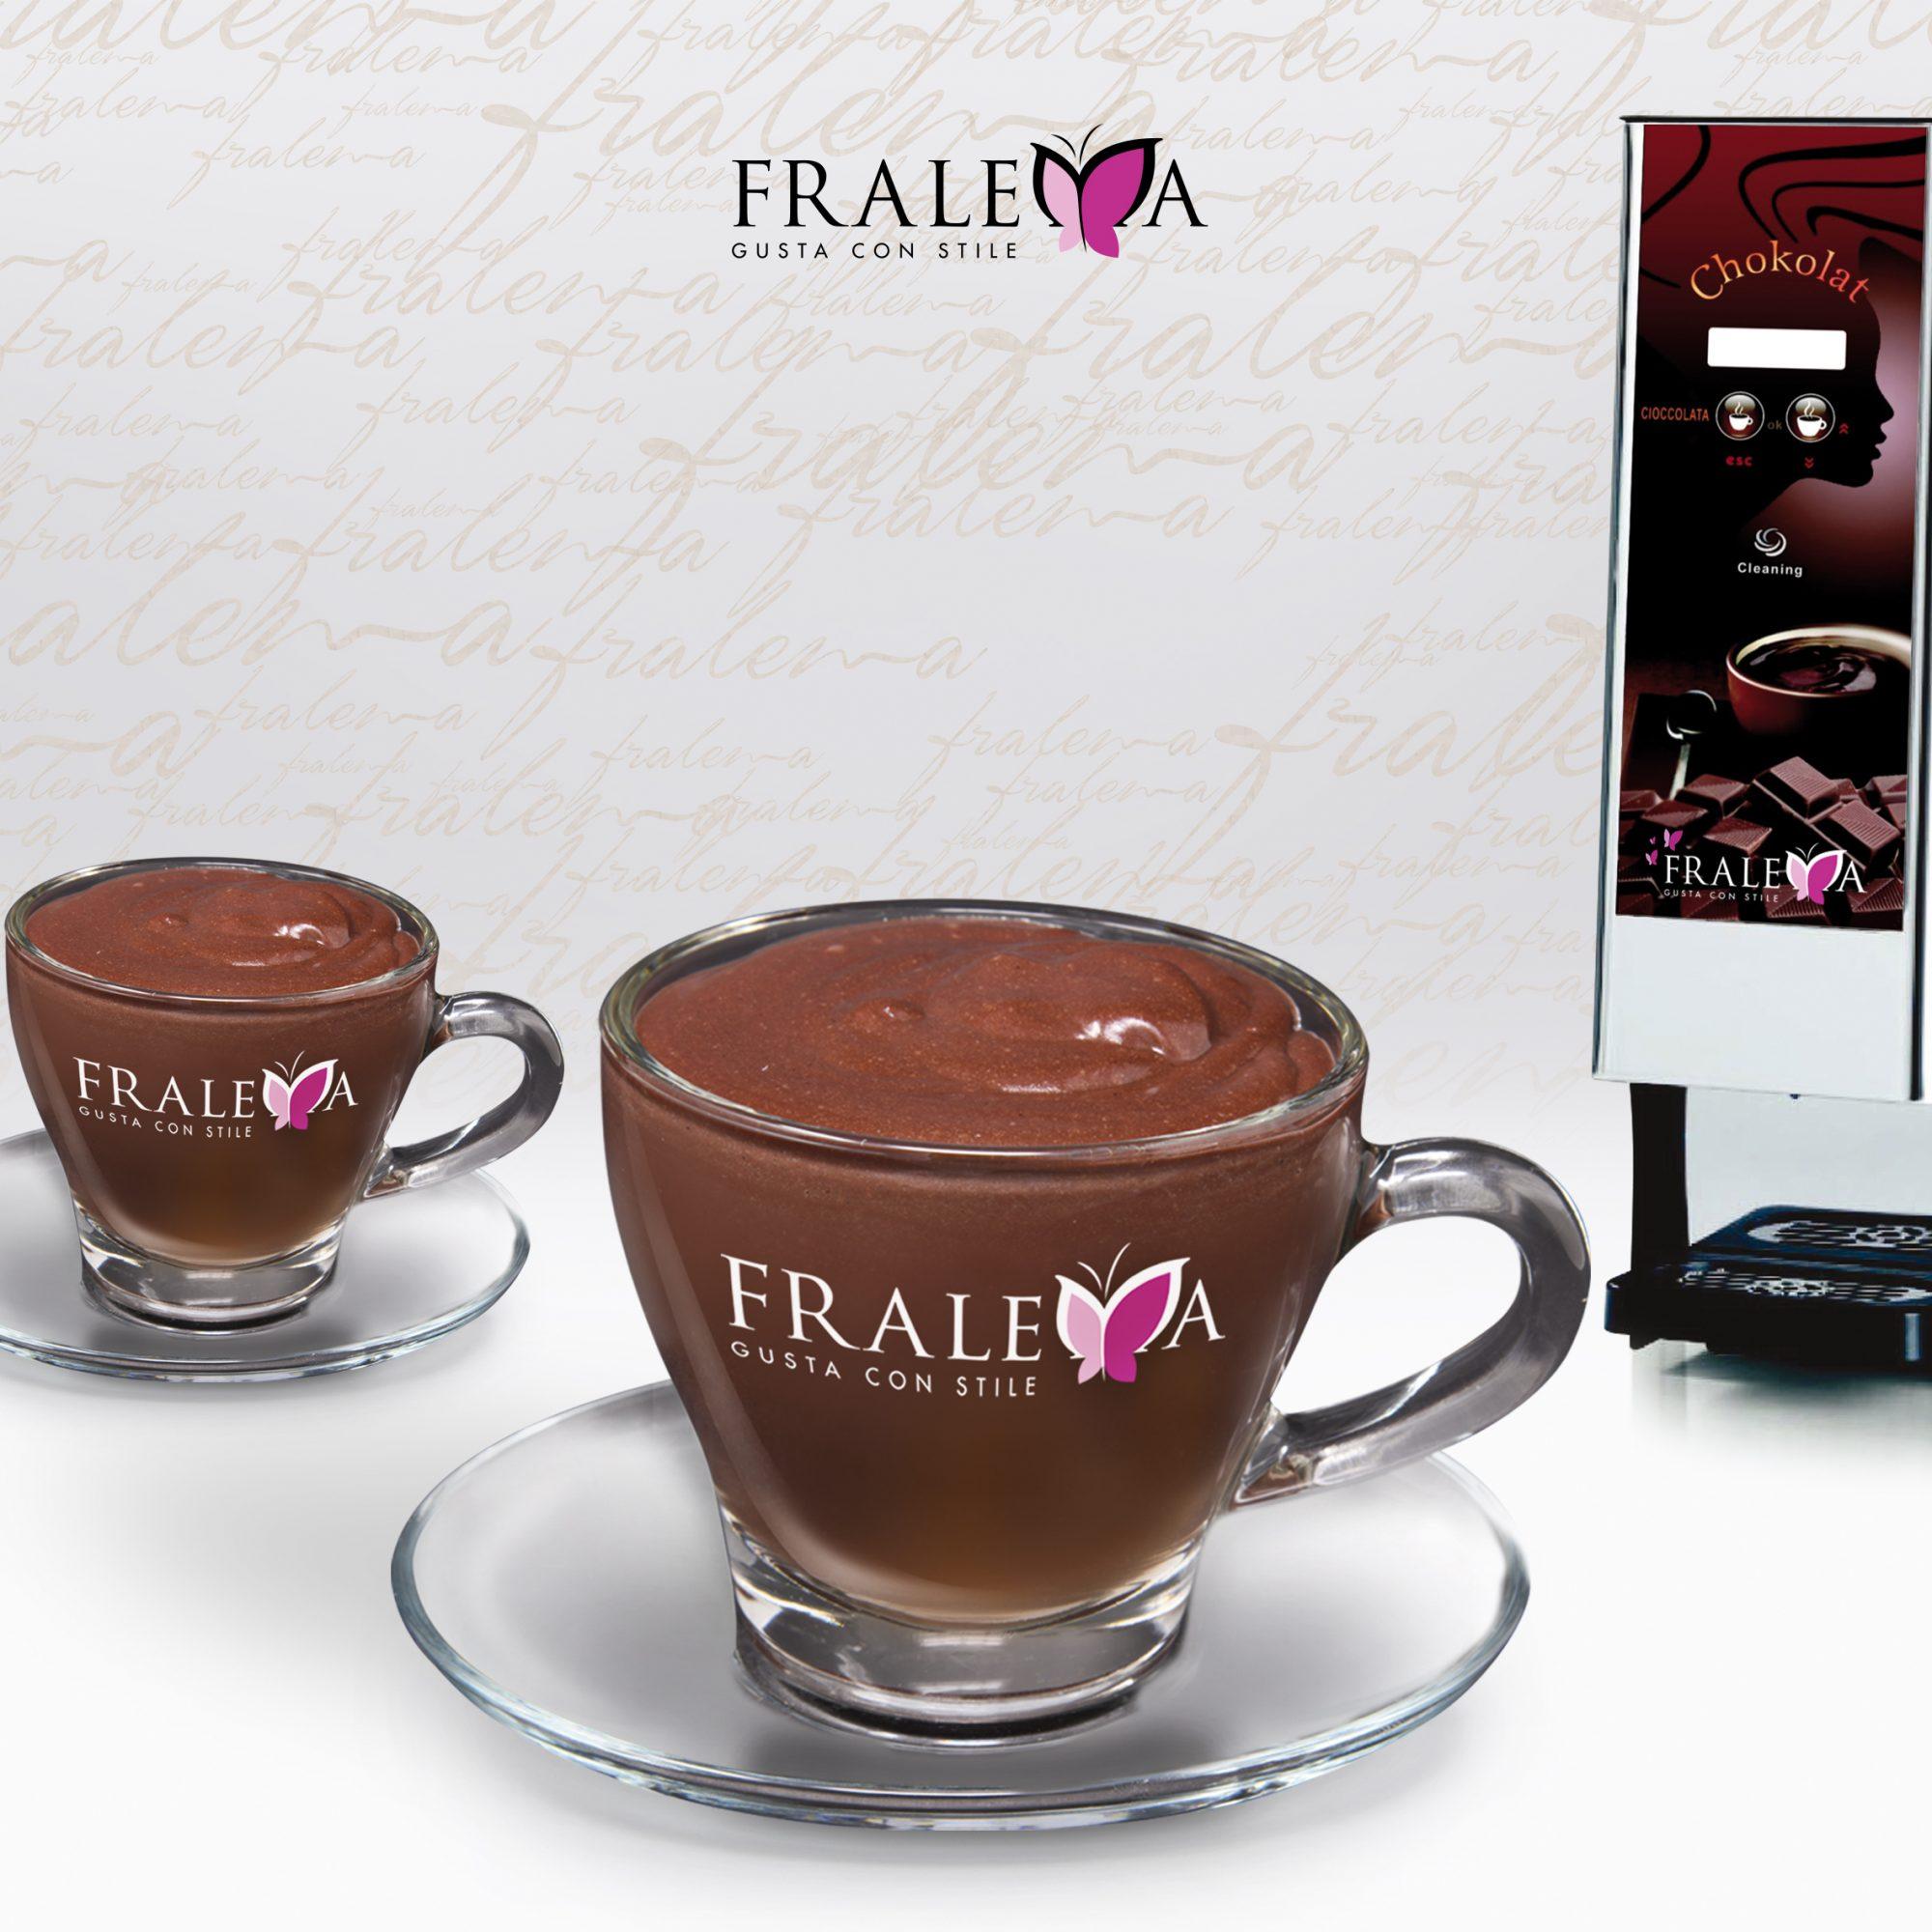 fralema_prodotti per la caffetteria_i caldi_cioccolato caldo_cioko instant_base acqua